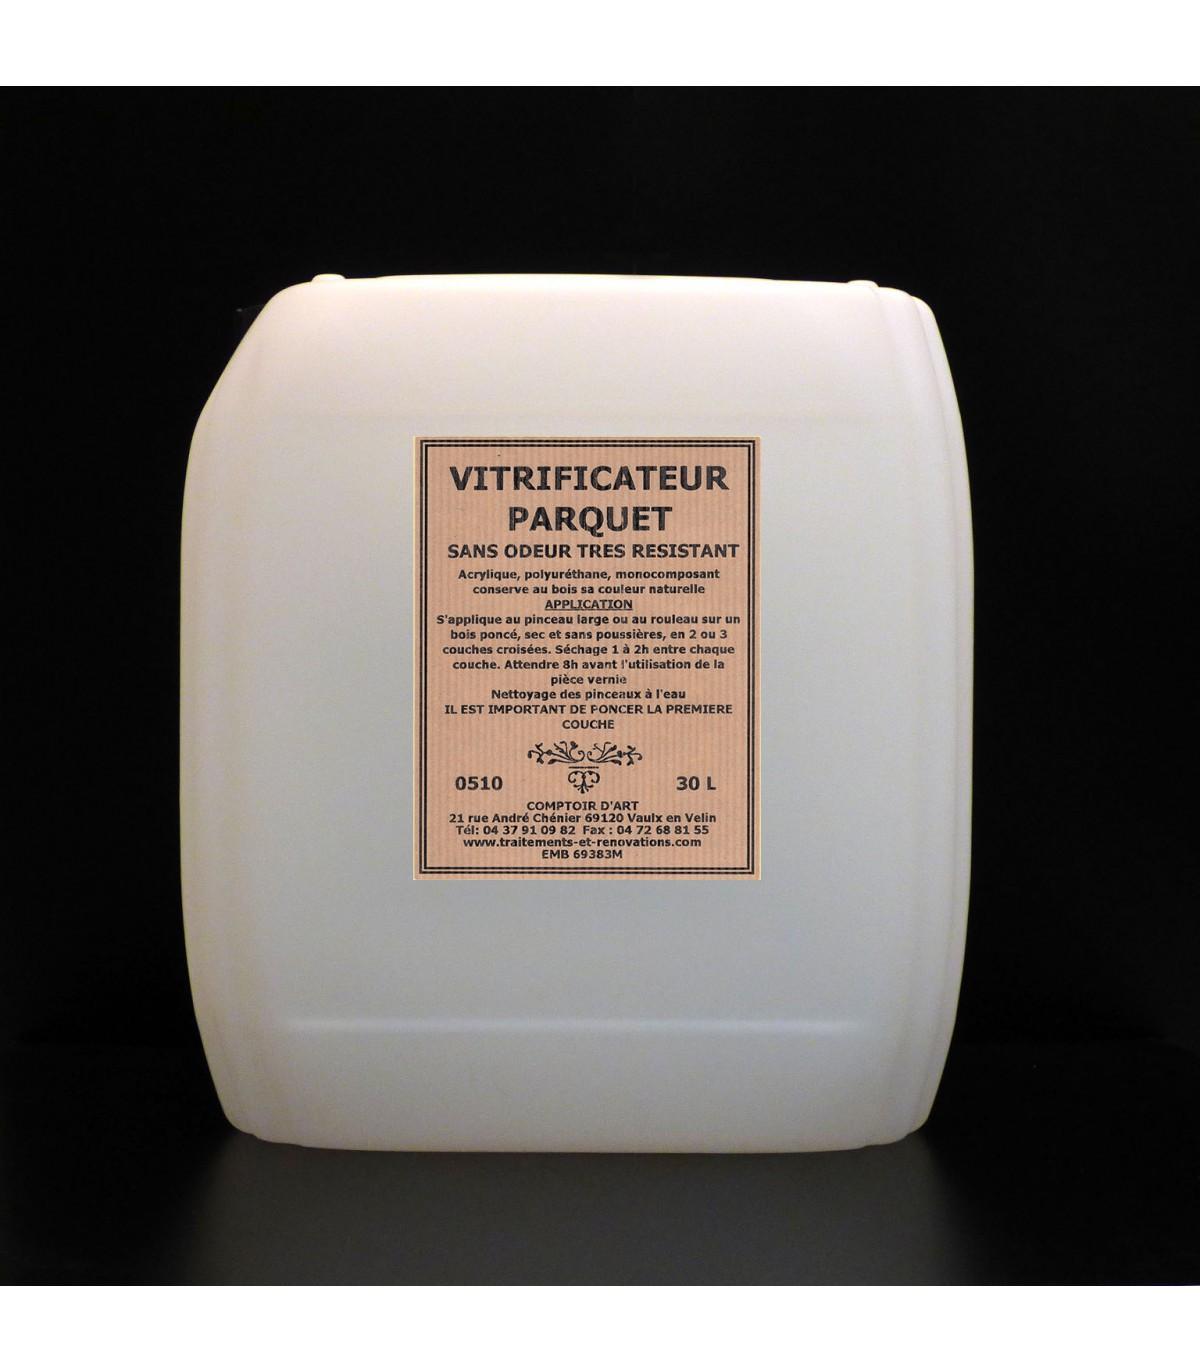 Vitrifier Parquet Sans Poncer vitrificateur parquet sans odeur - aqueux satine